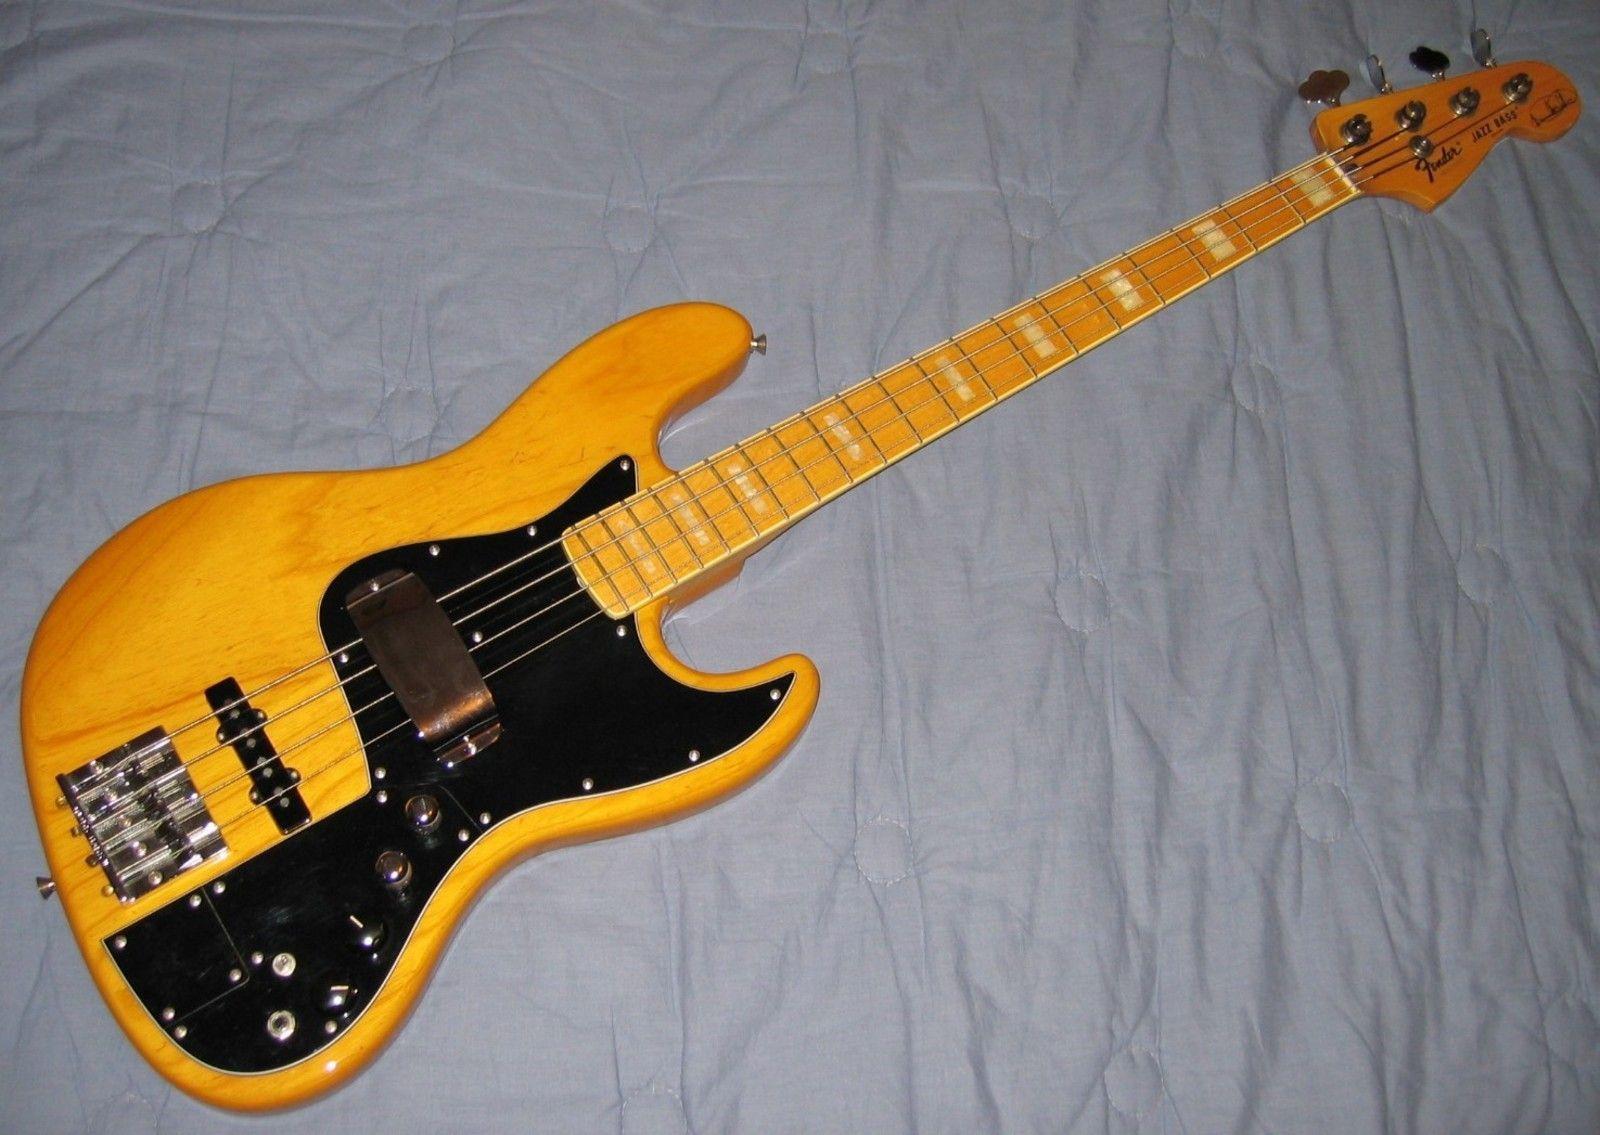 Schön Fender Jazz Bass Schaltplan Fotos - Elektrische Schaltplan ...